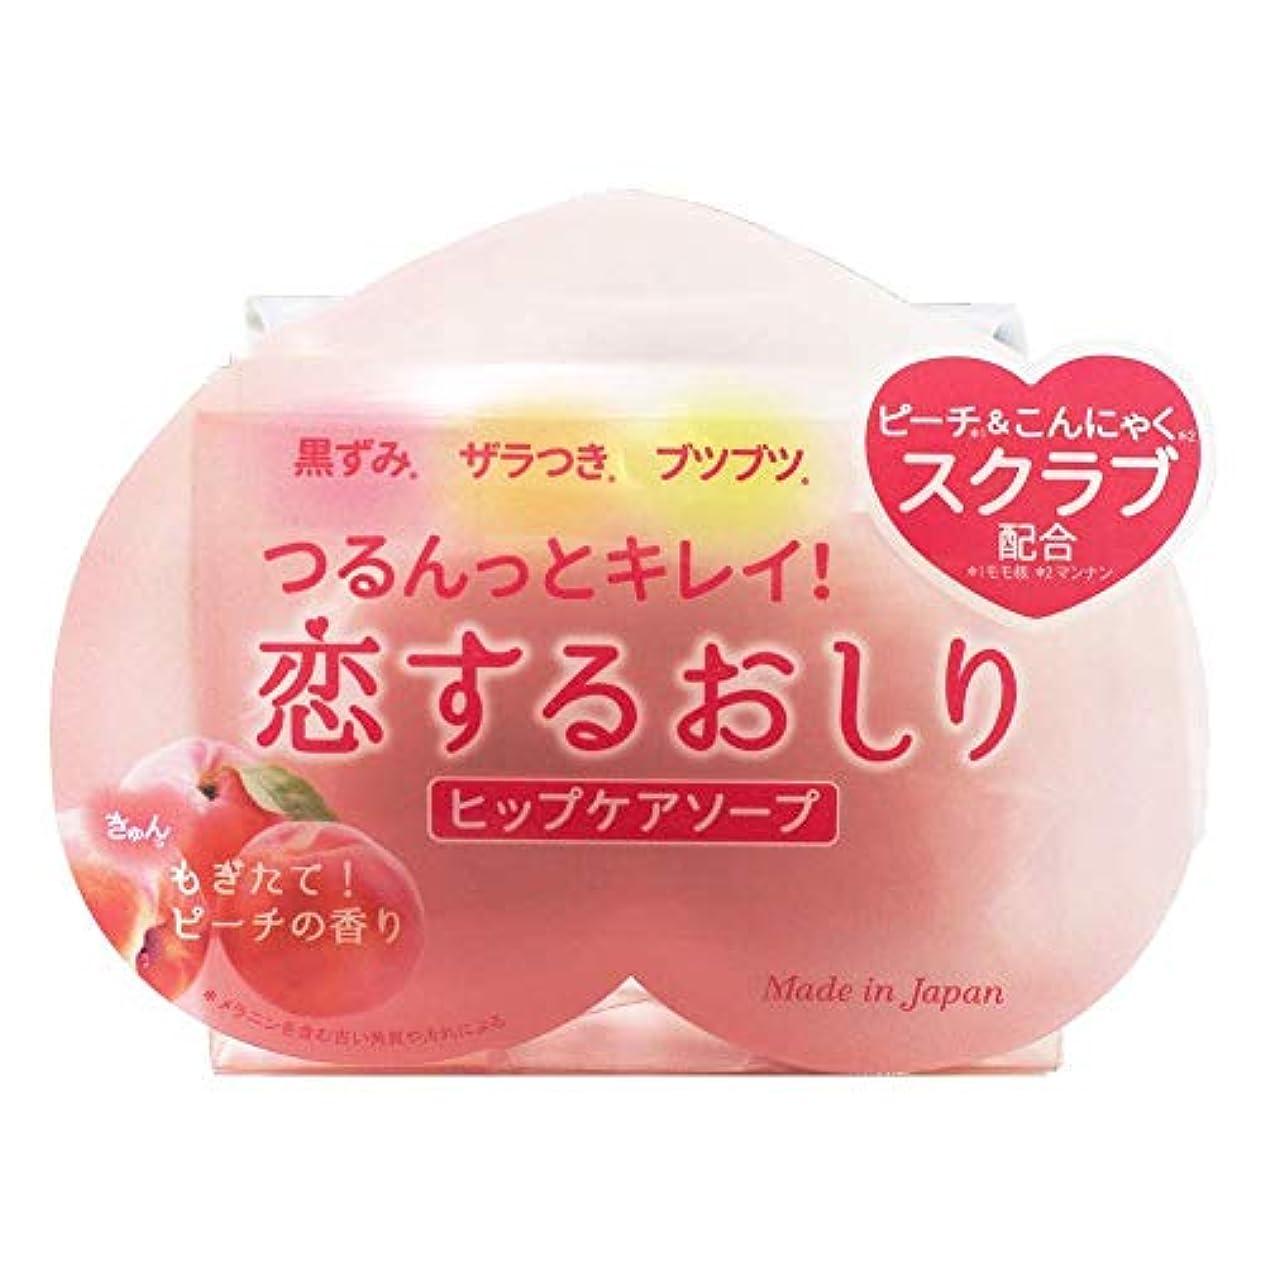 はずベスト通知【まとめ買い】ペリカン石鹸 恋するおしり ヒップケアソープ 80g×3個